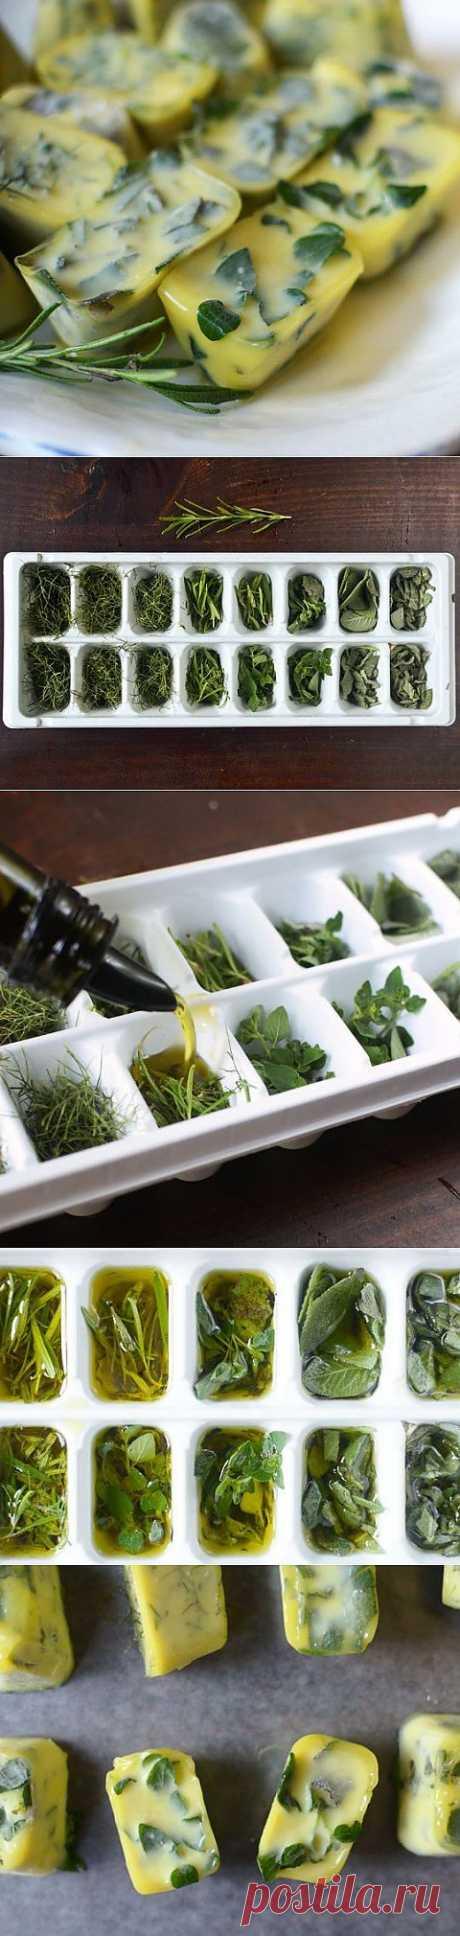 Заготовка свежей зелени | Делаем сами